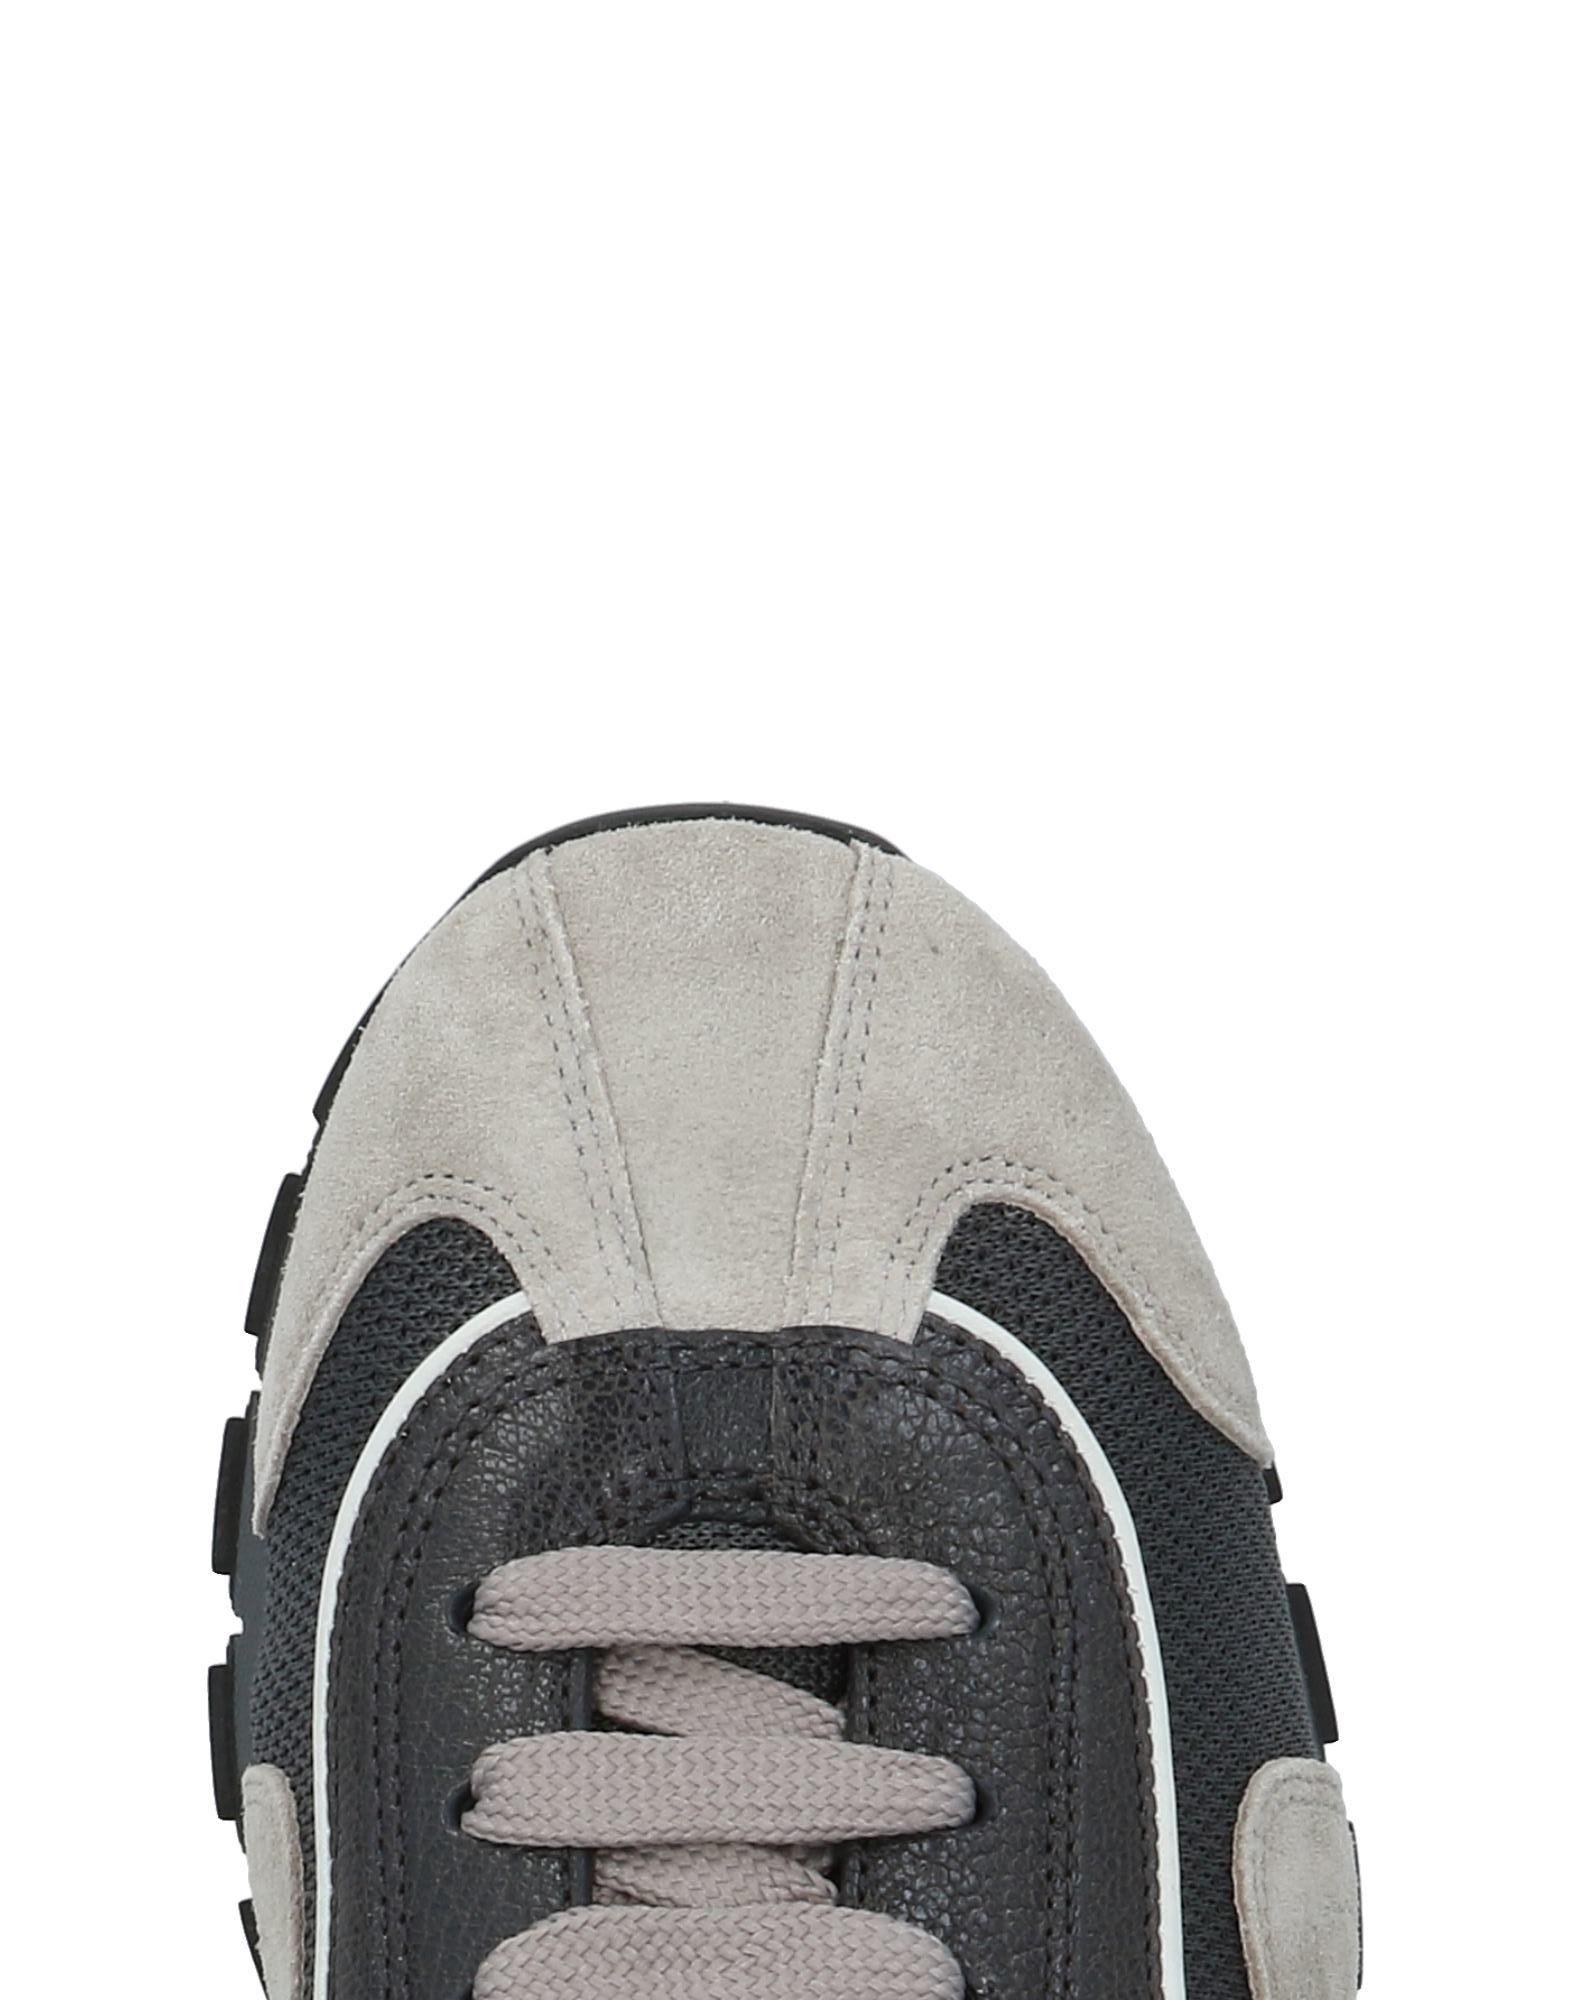 Prada Prada Prada Sport Sneakers Herren  11496631QD Neue Schuhe f49a87